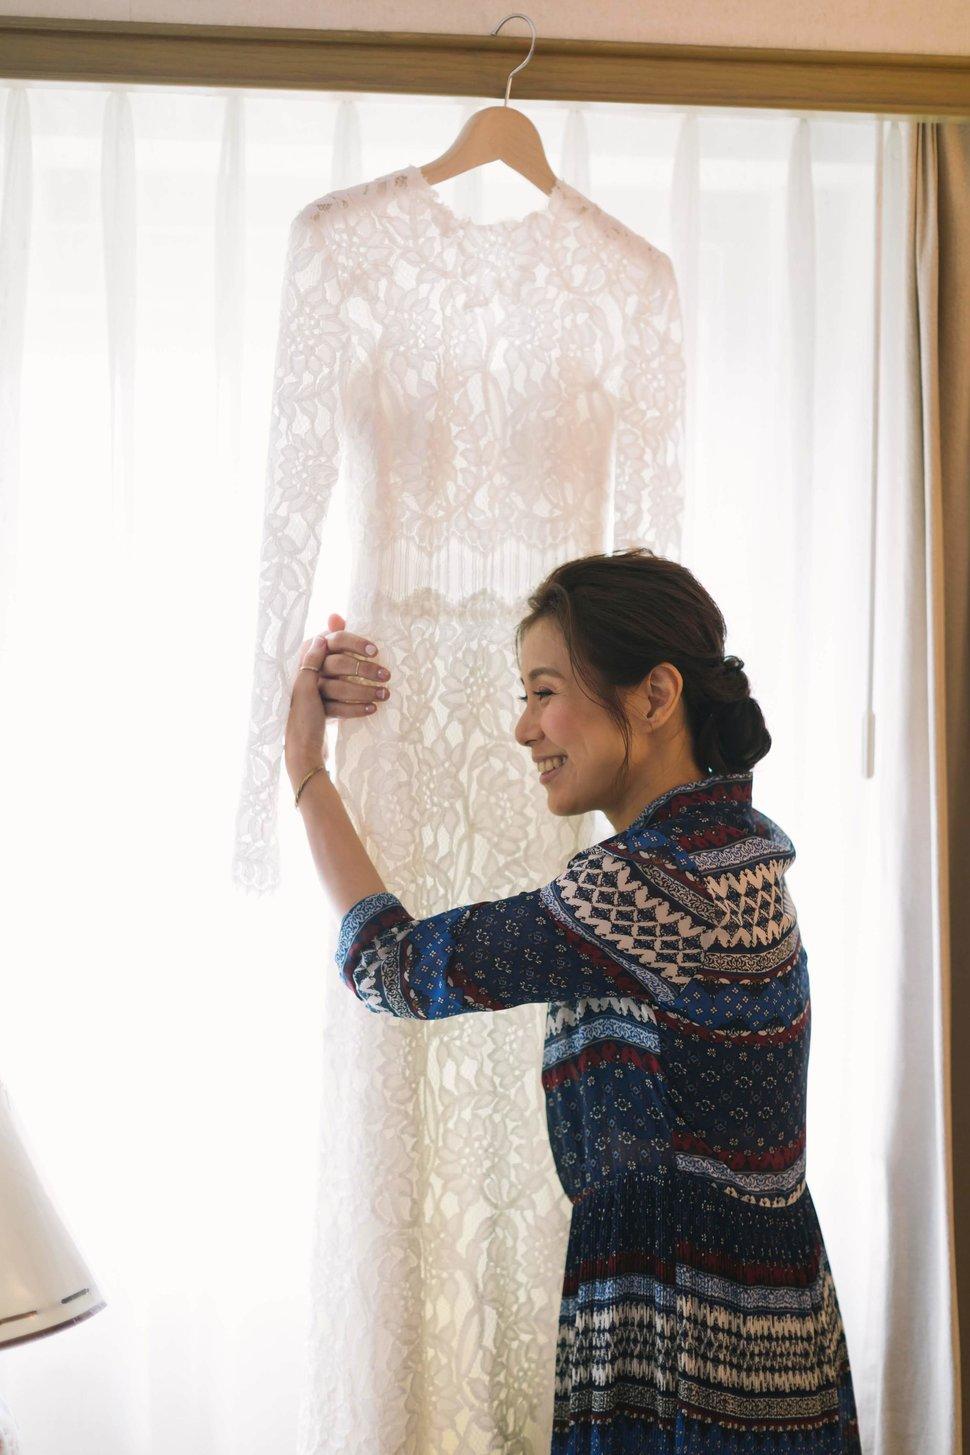 集食行樂婚禮-美式婚禮-美式婚禮紀錄-戶外證婚-美式婚紗-AG 婚攝Adam Chen- Amazing Grace 攝影美學 -台北婚禮紀錄 - Amazing Grace Studio31 - Amazing Grace Studio《結婚吧》